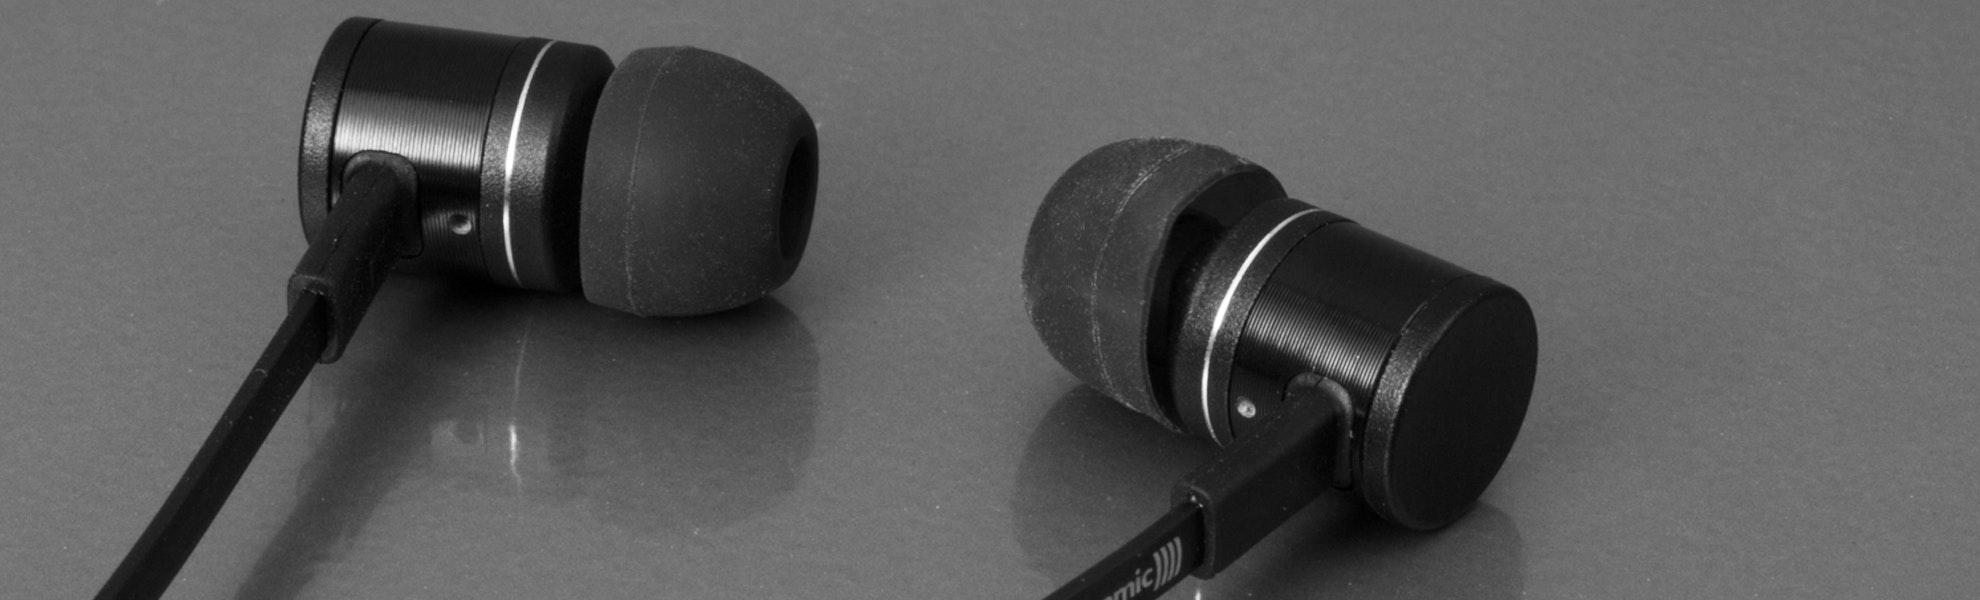 Beyerdynamic DX 120 iE Earphones